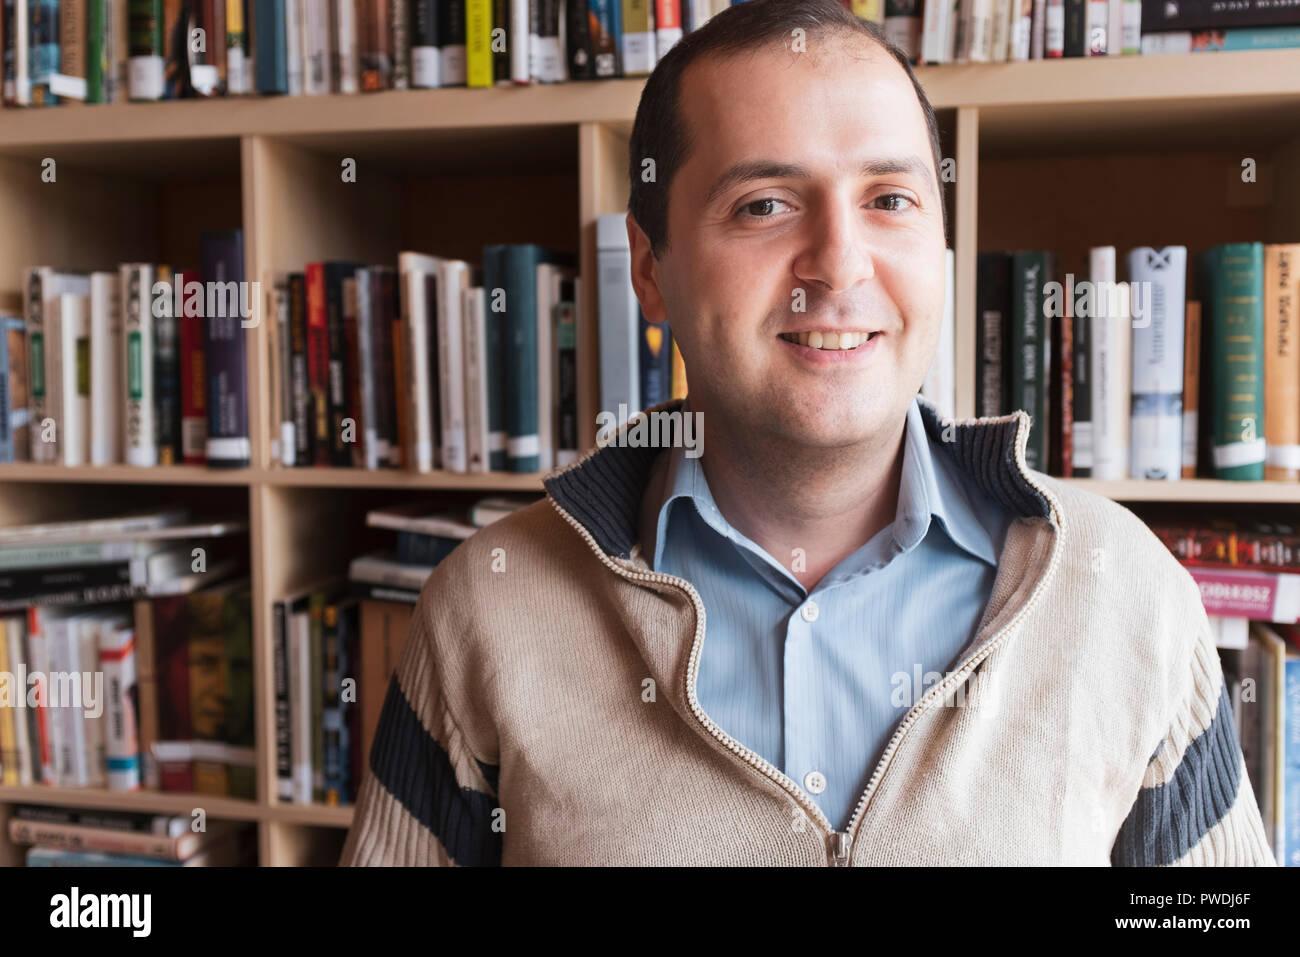 Un hombre sonriente en un puente de una camisa azul en una biblioteca Imagen De Stock